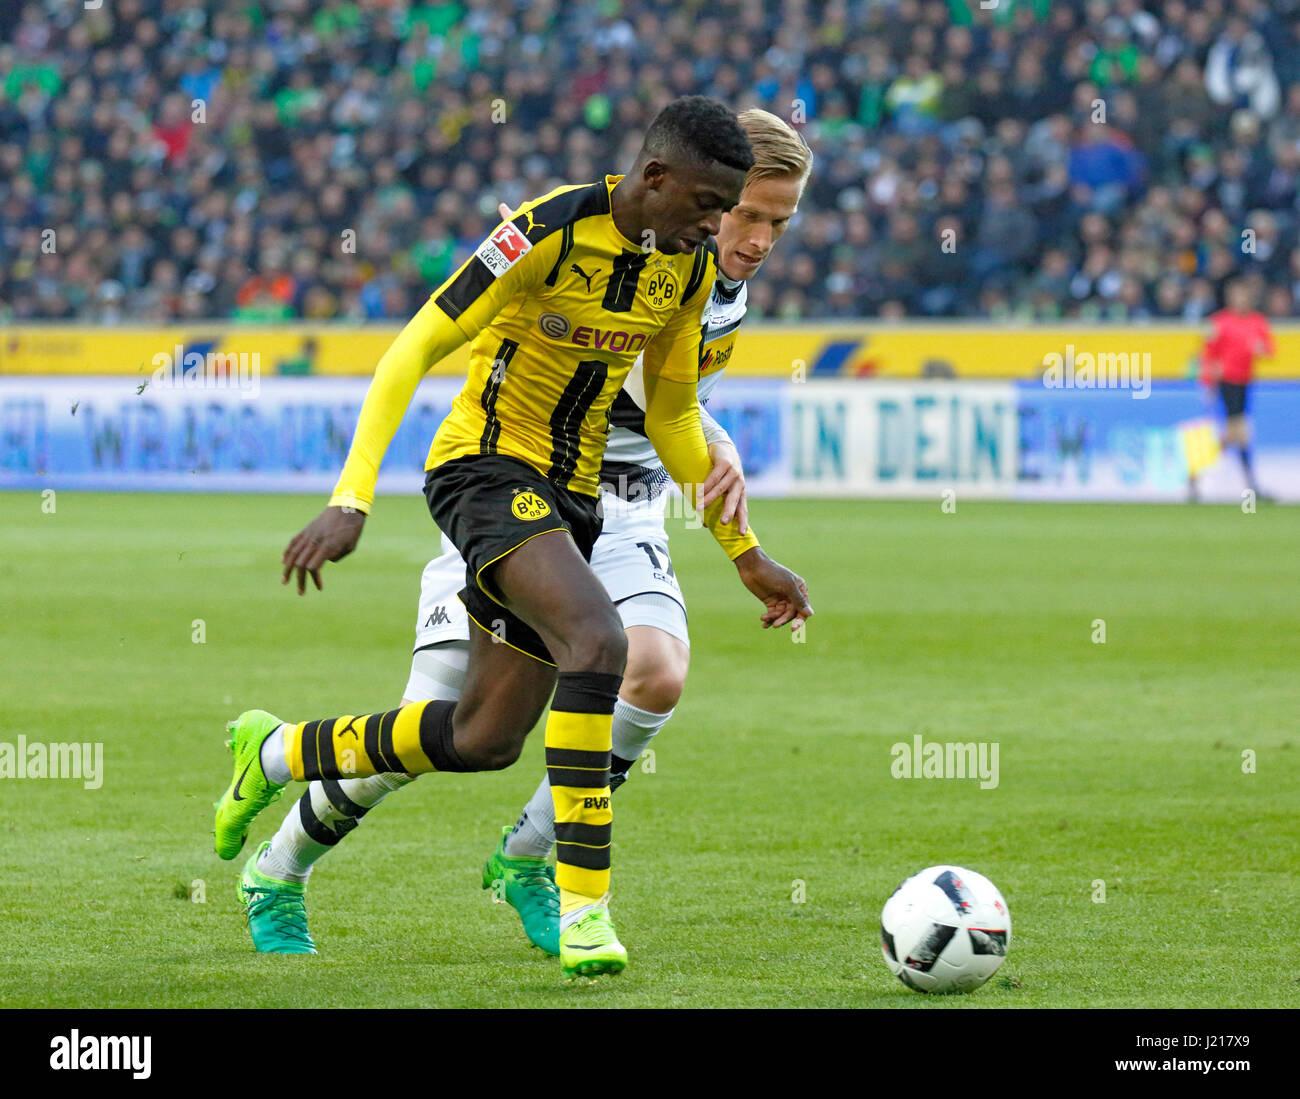 sporting bvb